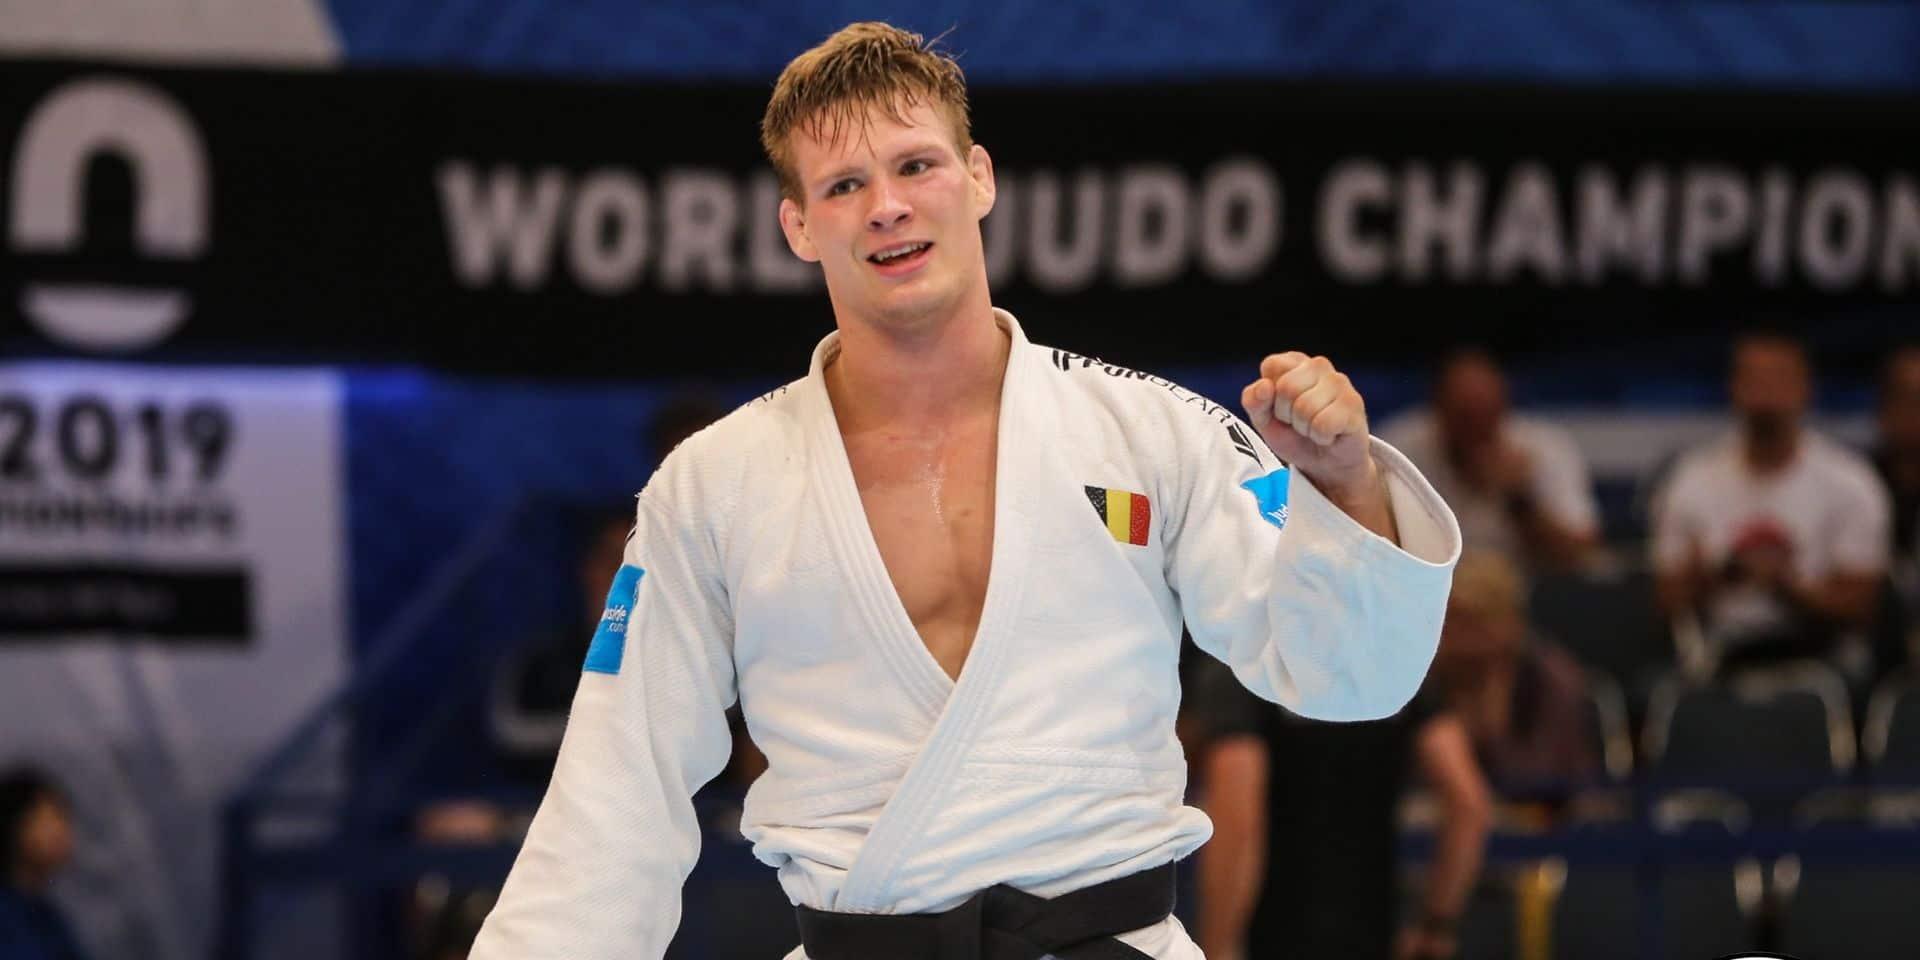 Judo : Matthias Casse en finale pour l'or à l'Euro !